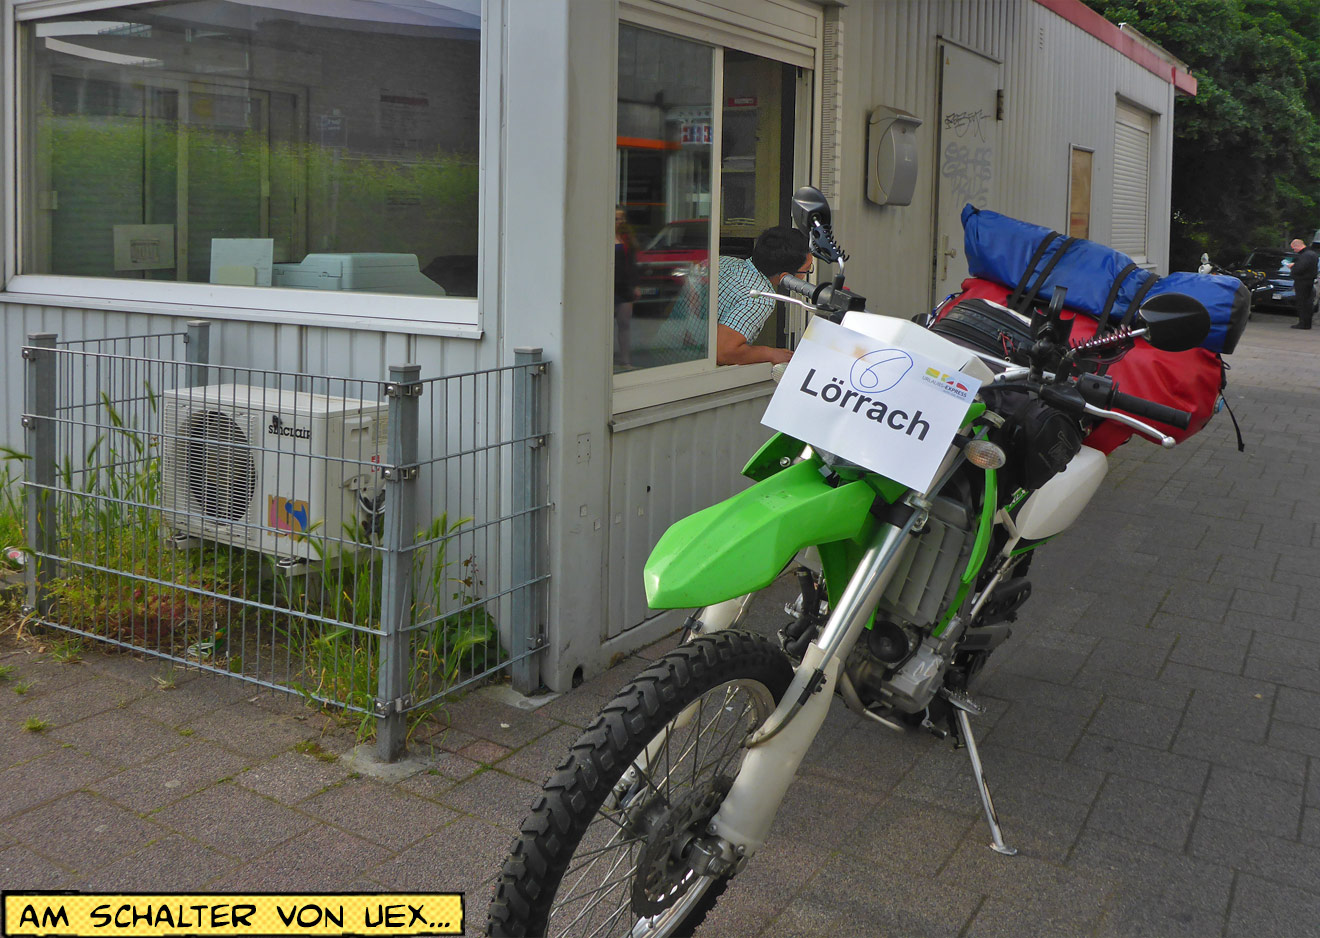 Abfertigung Autozug Check-In Schalter Motorrad